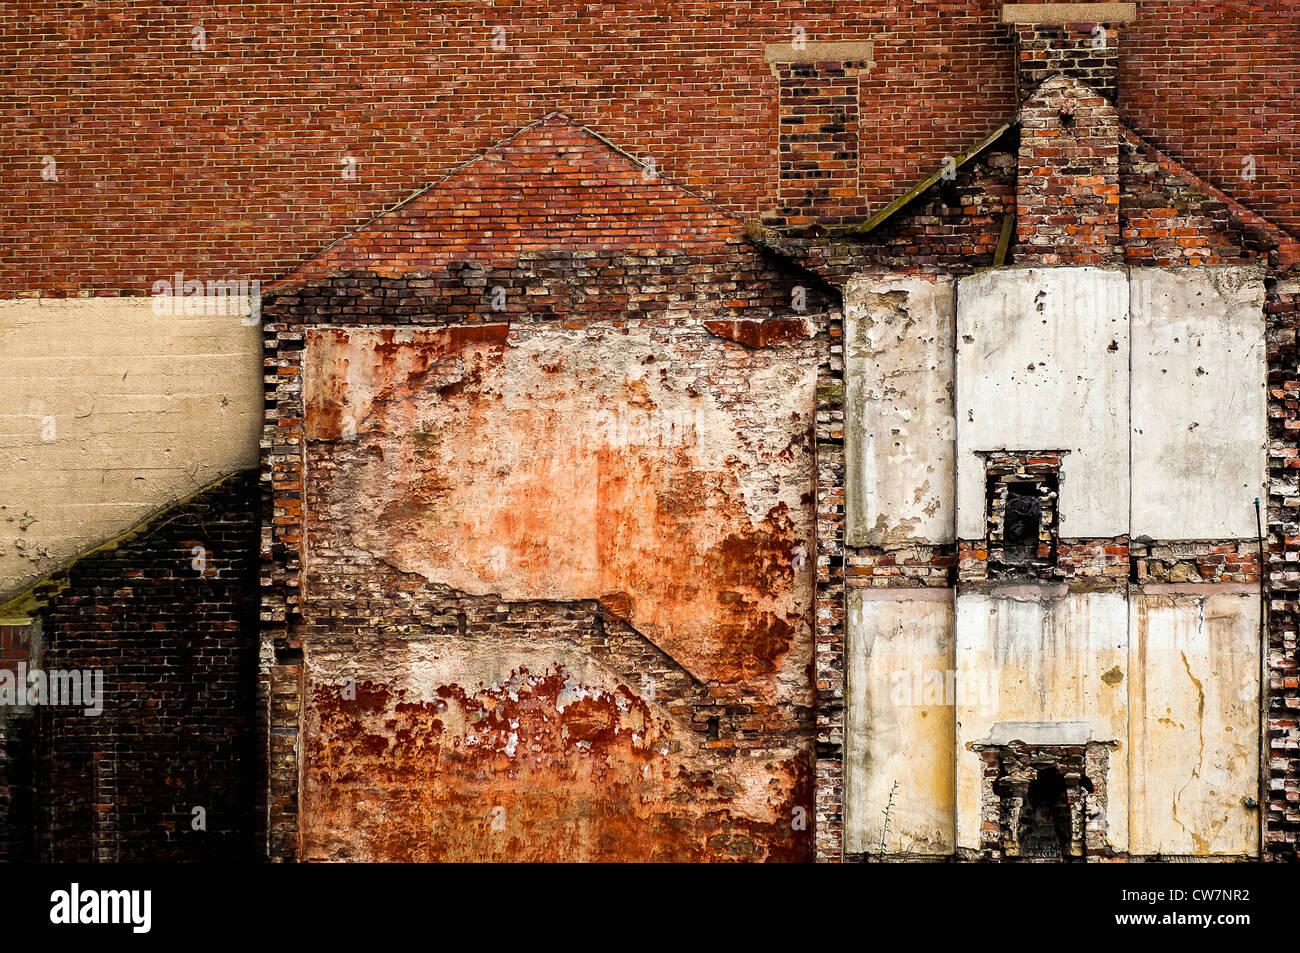 Engulfed house - Stock Image